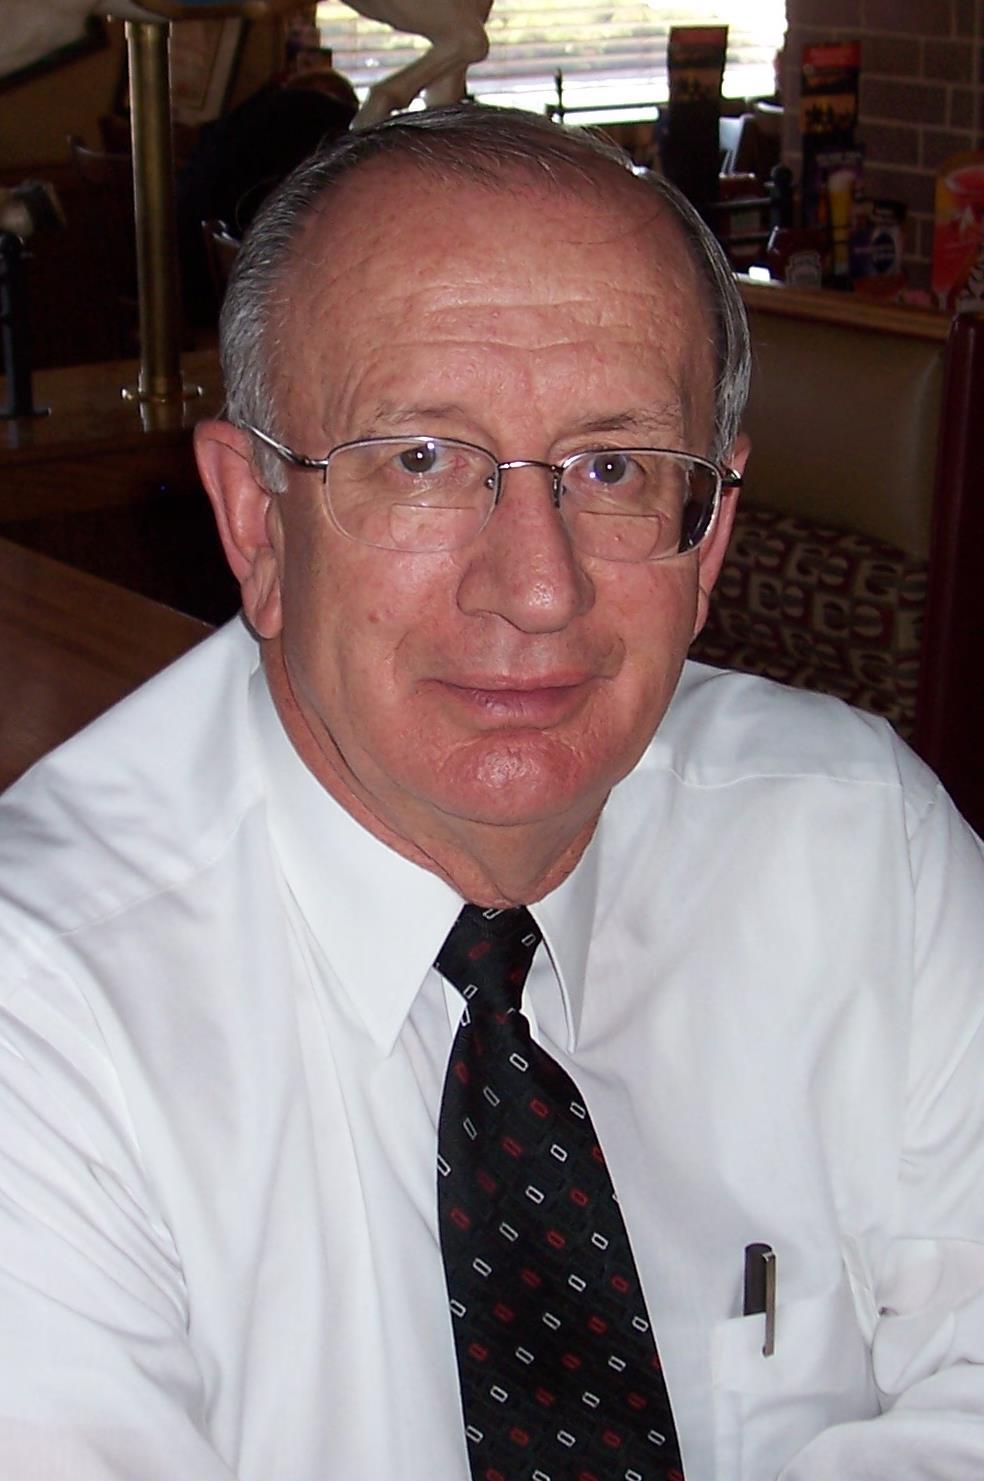 John Odell Tolman